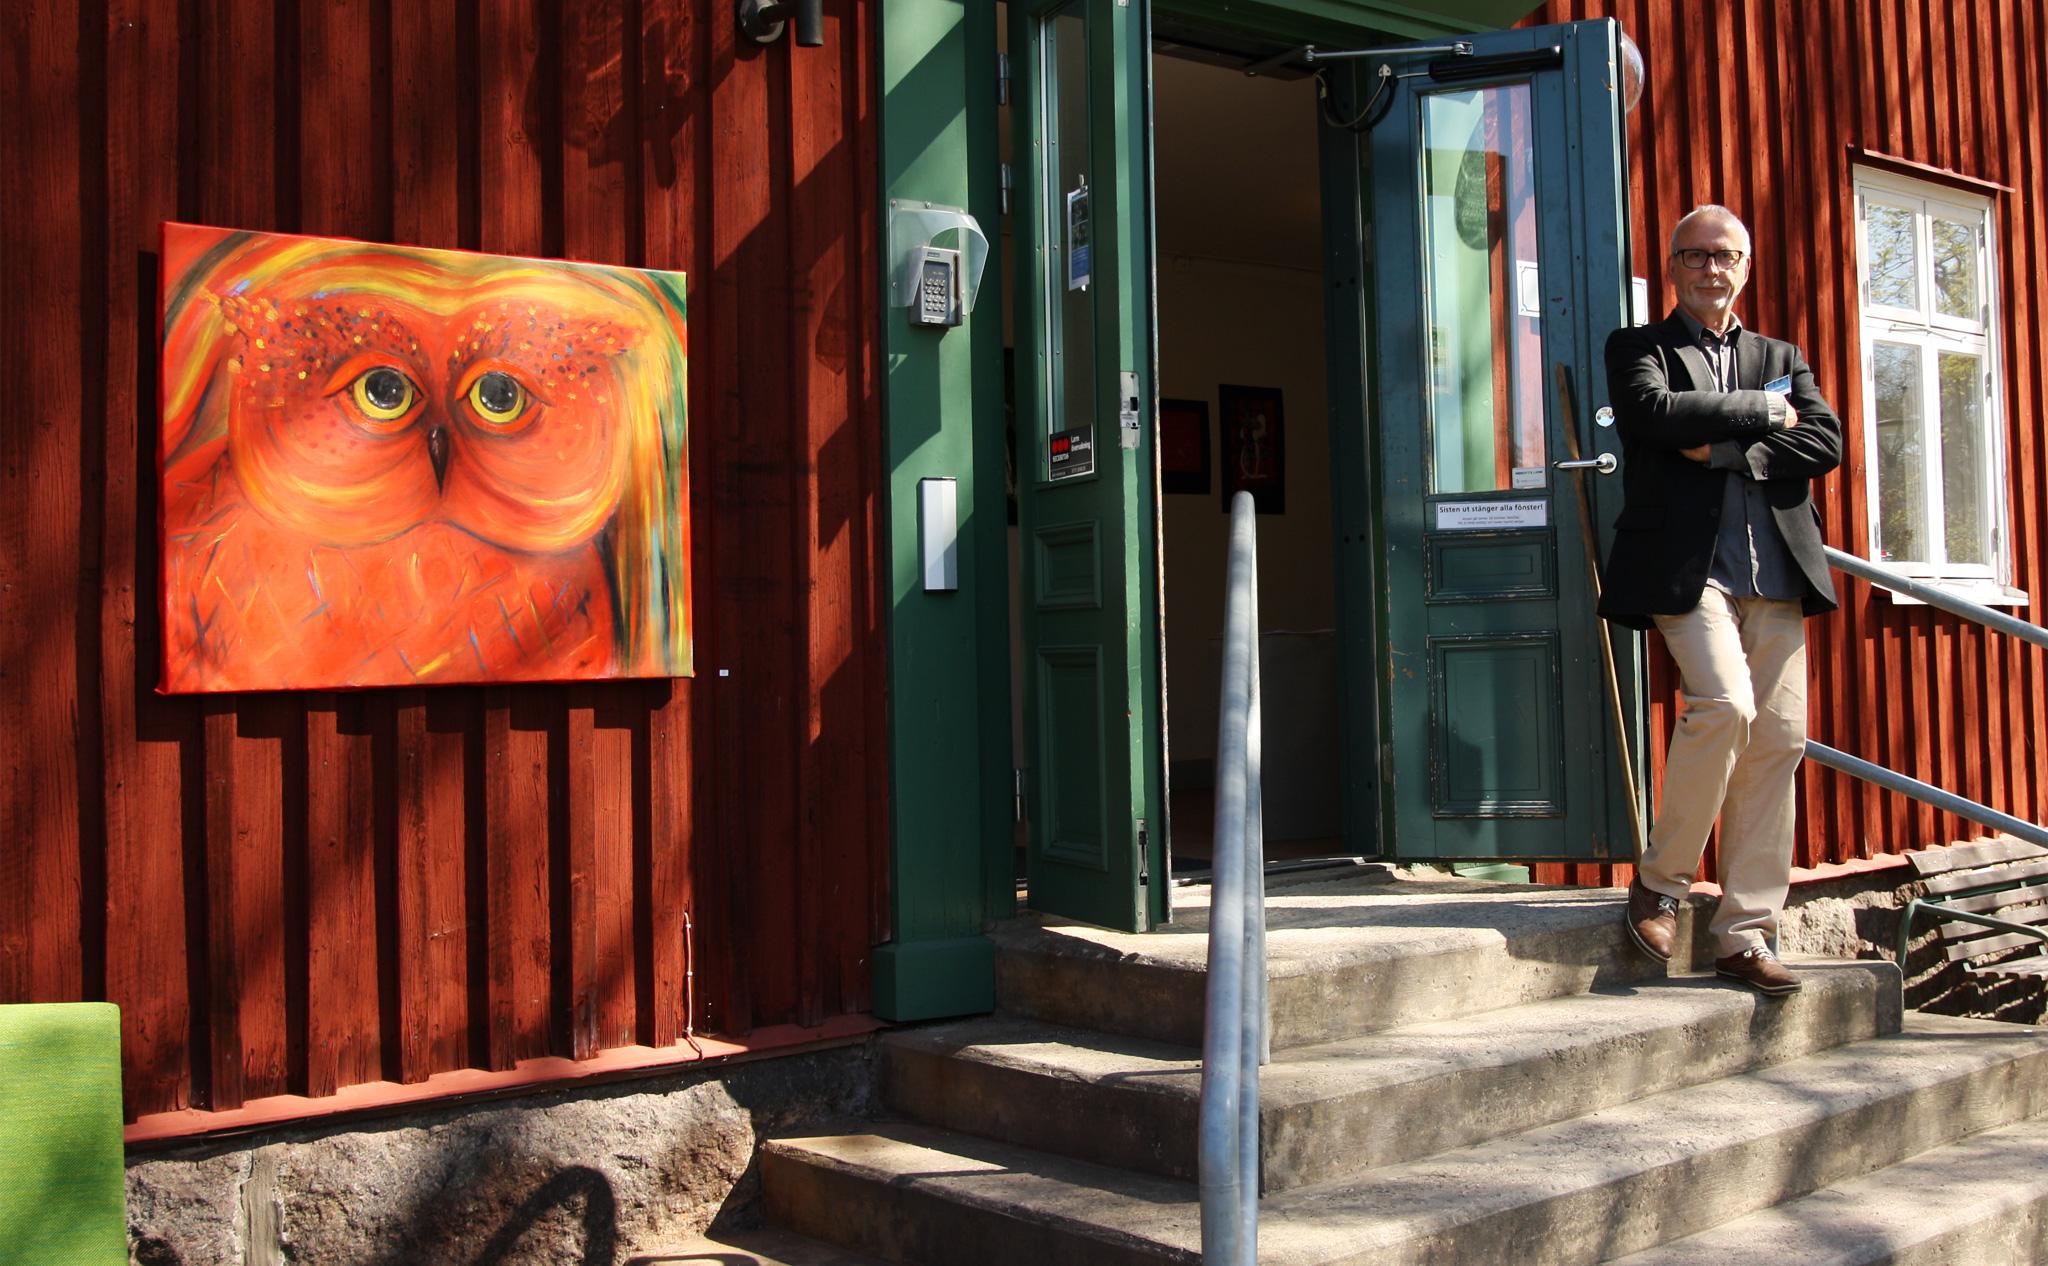 Konsthusets dörrar står öppna, en lärare stå utanför. På husets fasad hänger en röd tavla med en målad fågel.